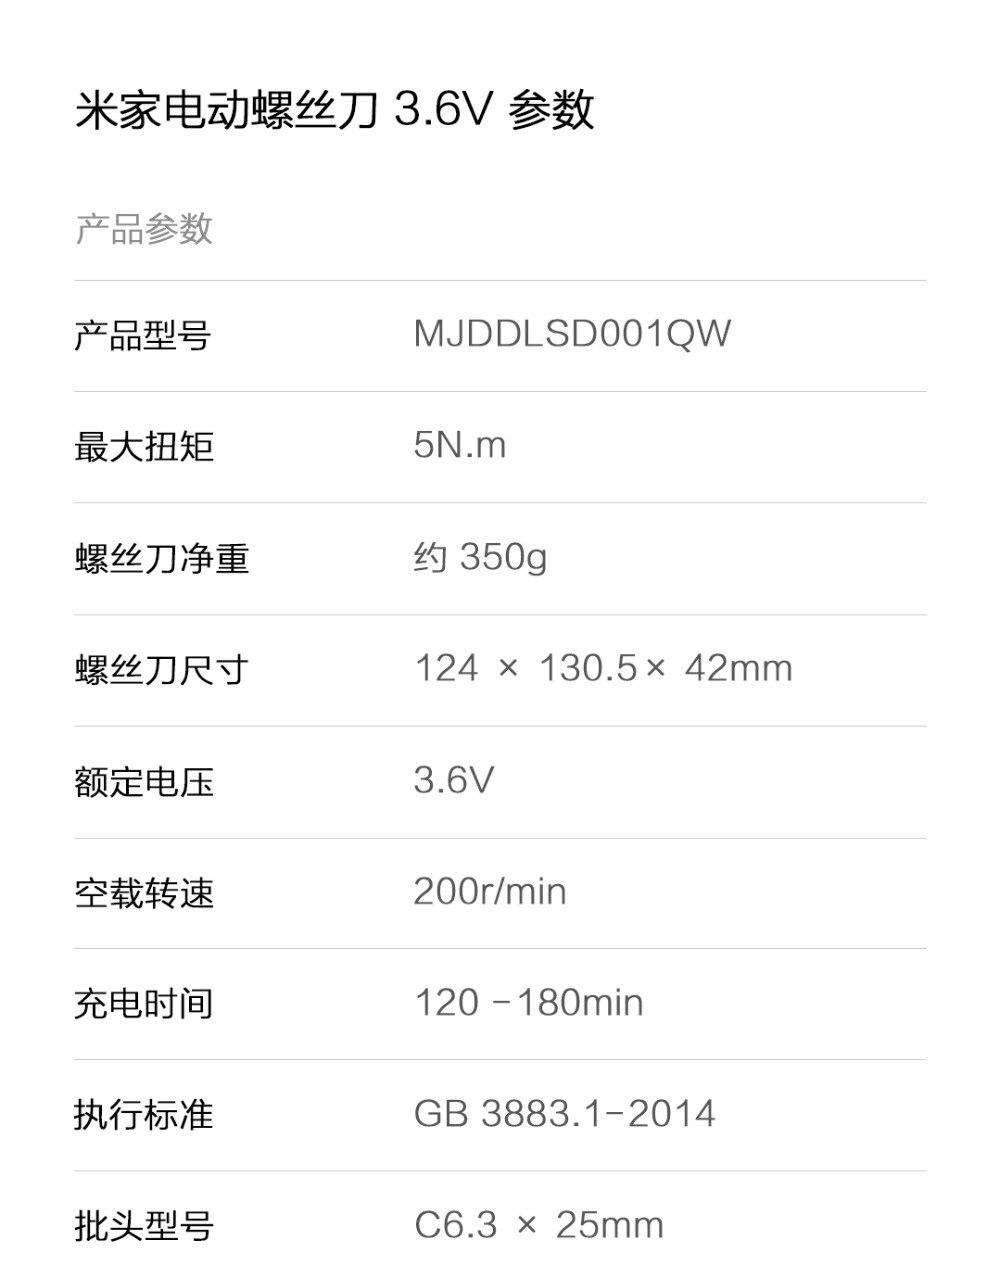 Xiaomi Mijia Electric Screwdriver (19)